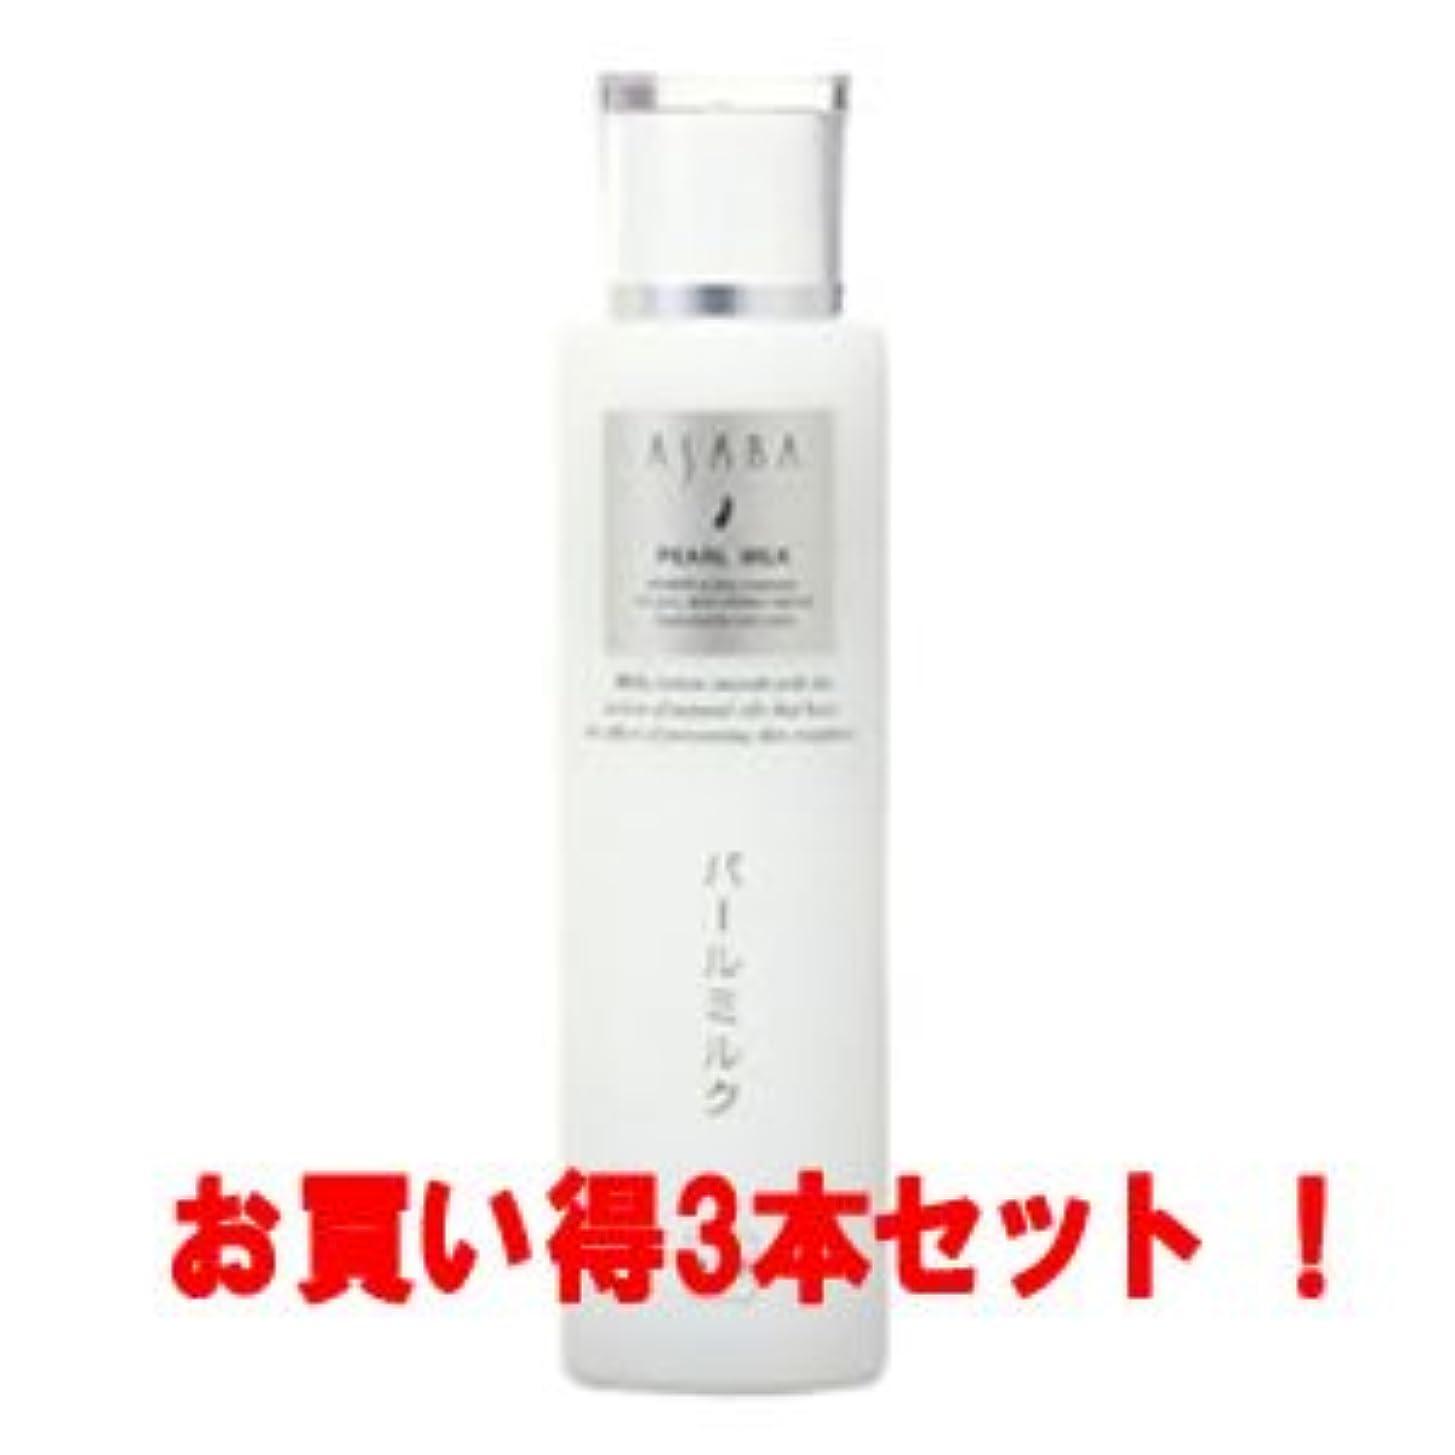 高度ウェイトレス許容できる(アサバ化粧品)アサバ パールミルク100ml(お買い得3本セット)